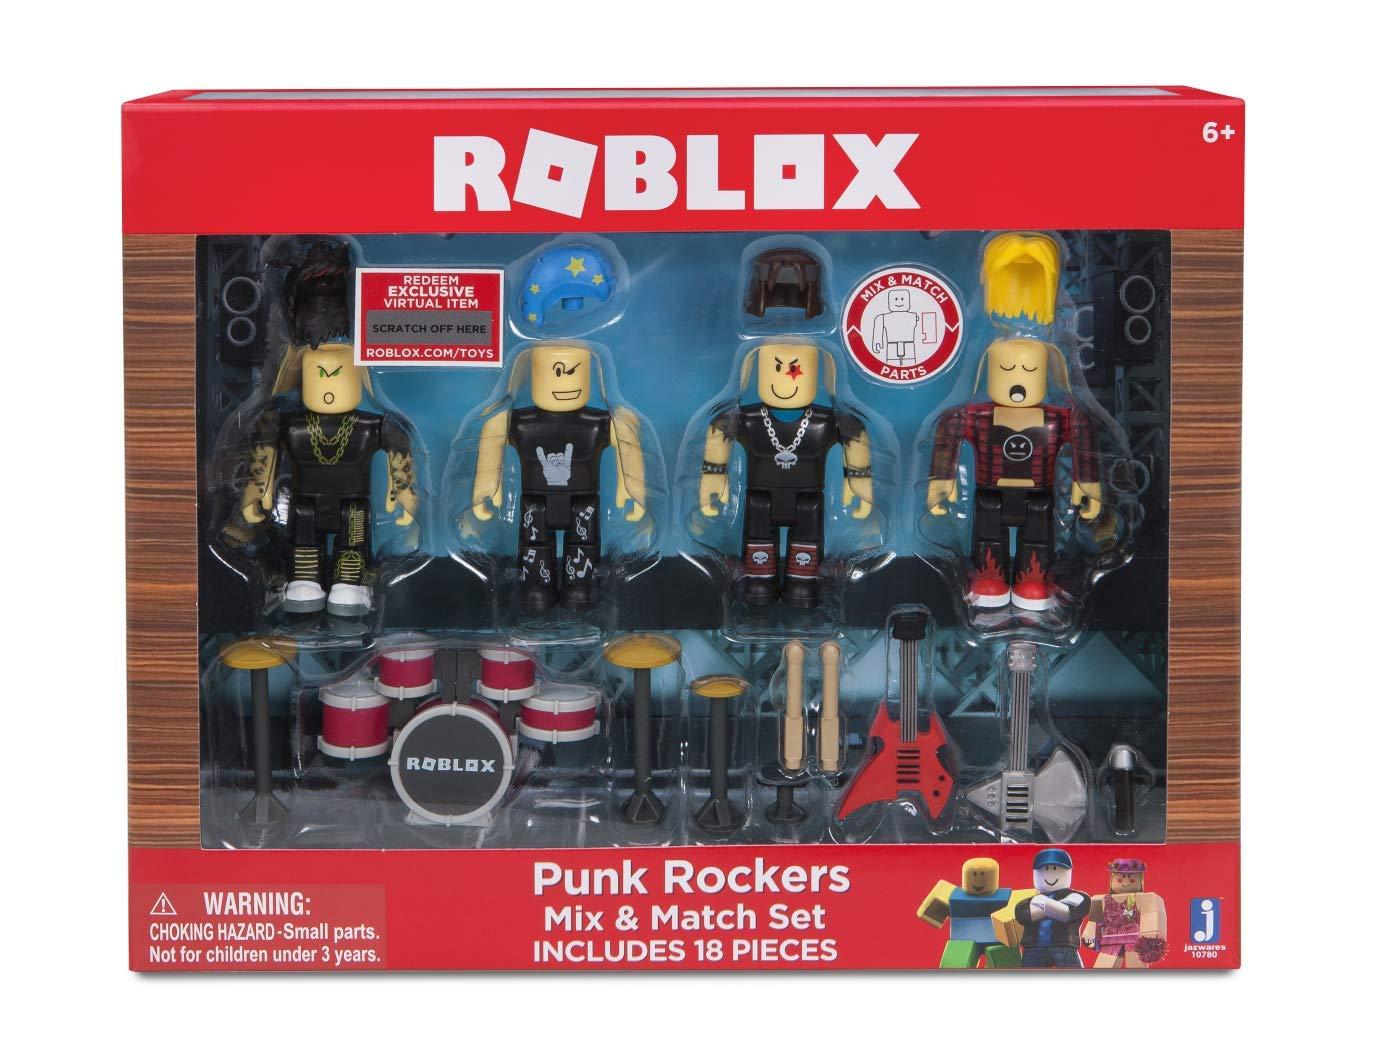 Roblox Punk Rockers Mix & Match Set